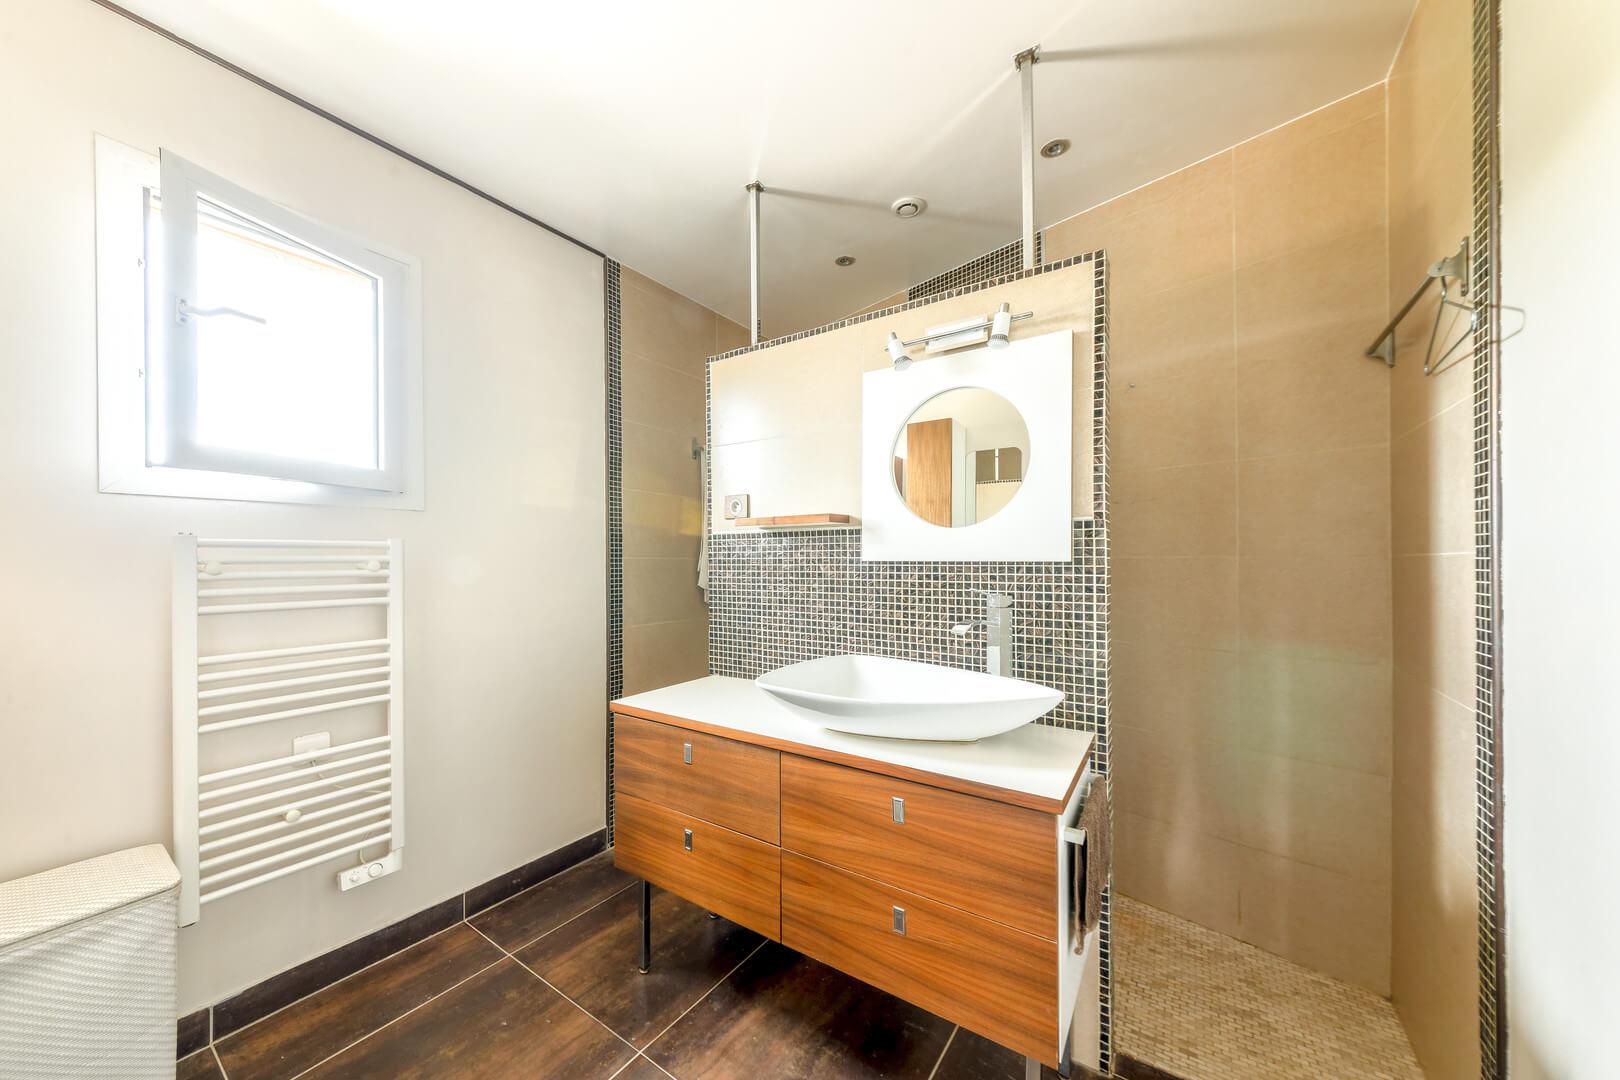 Homki - Vente Maison/villa  de 180.0 m² à La Destrousse 13112